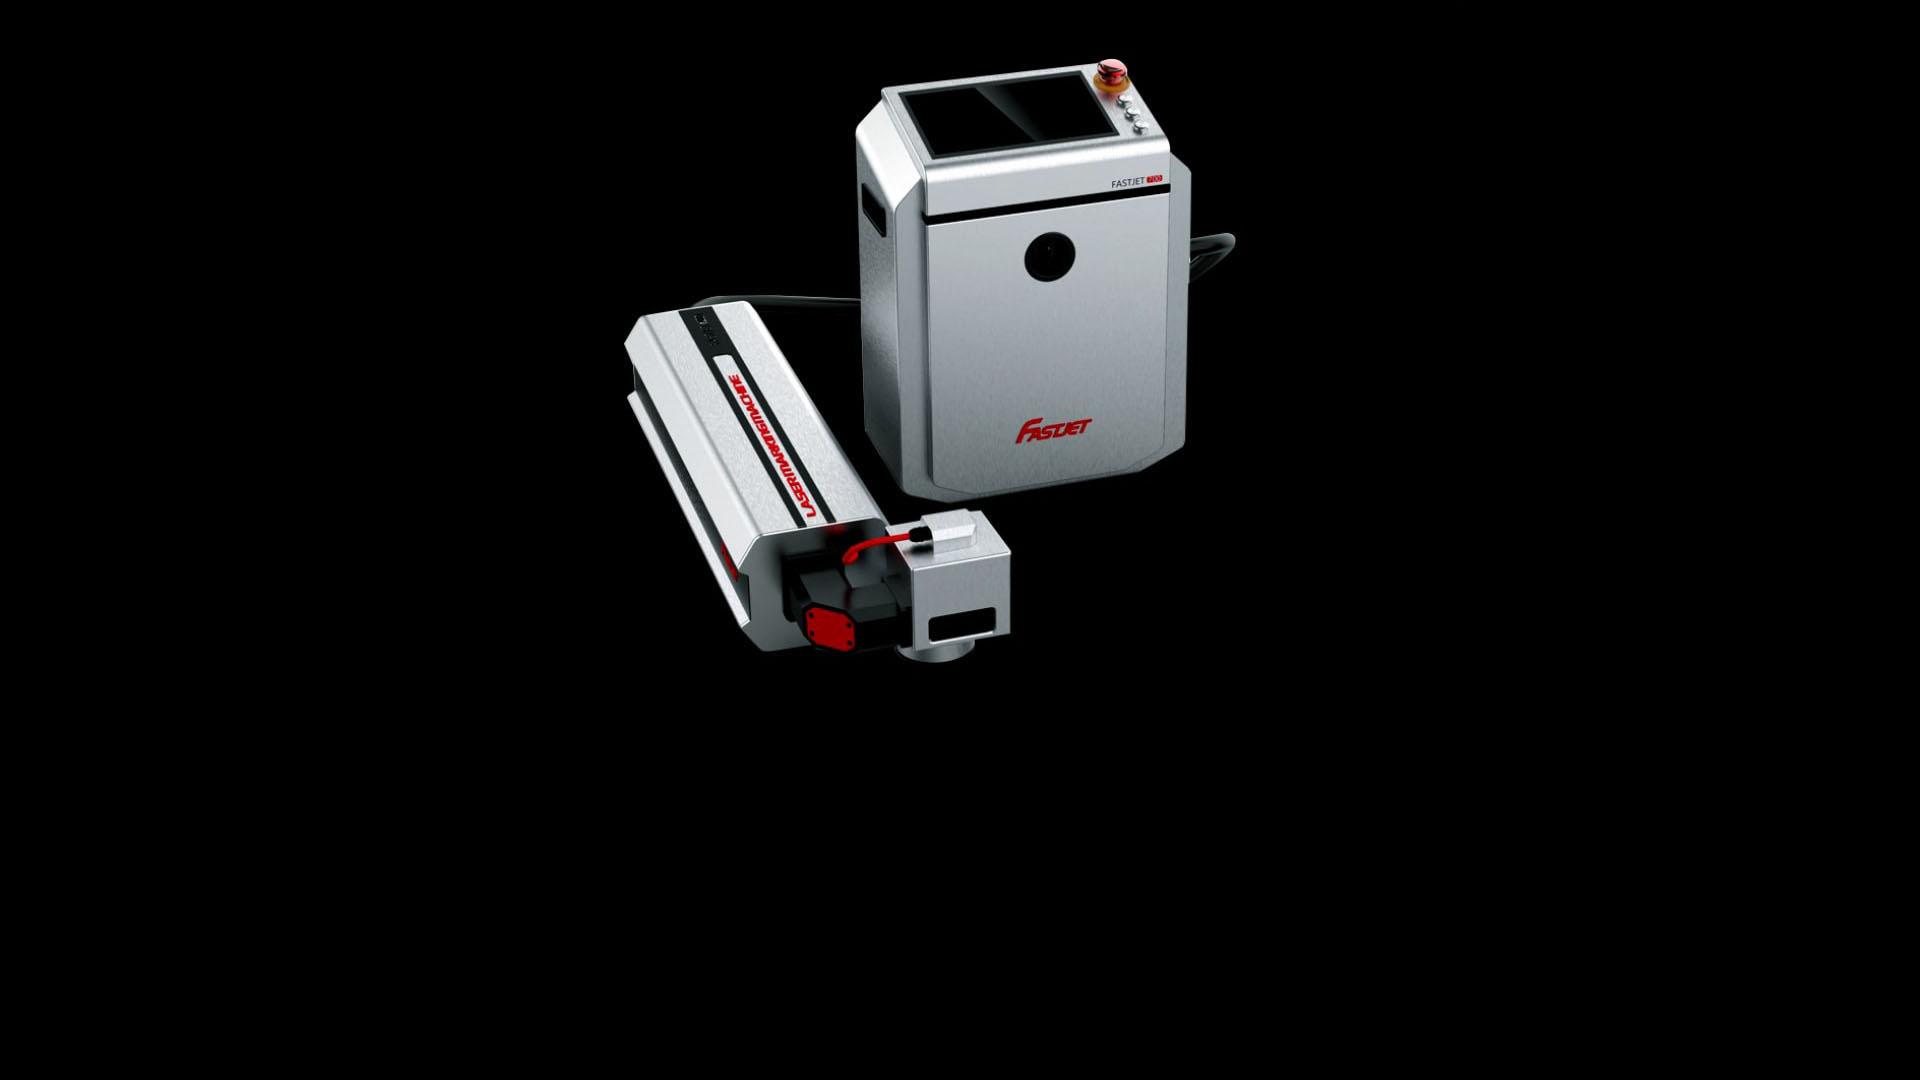 Лазерний маркувальник Fastjet F8100 загальний вигляд